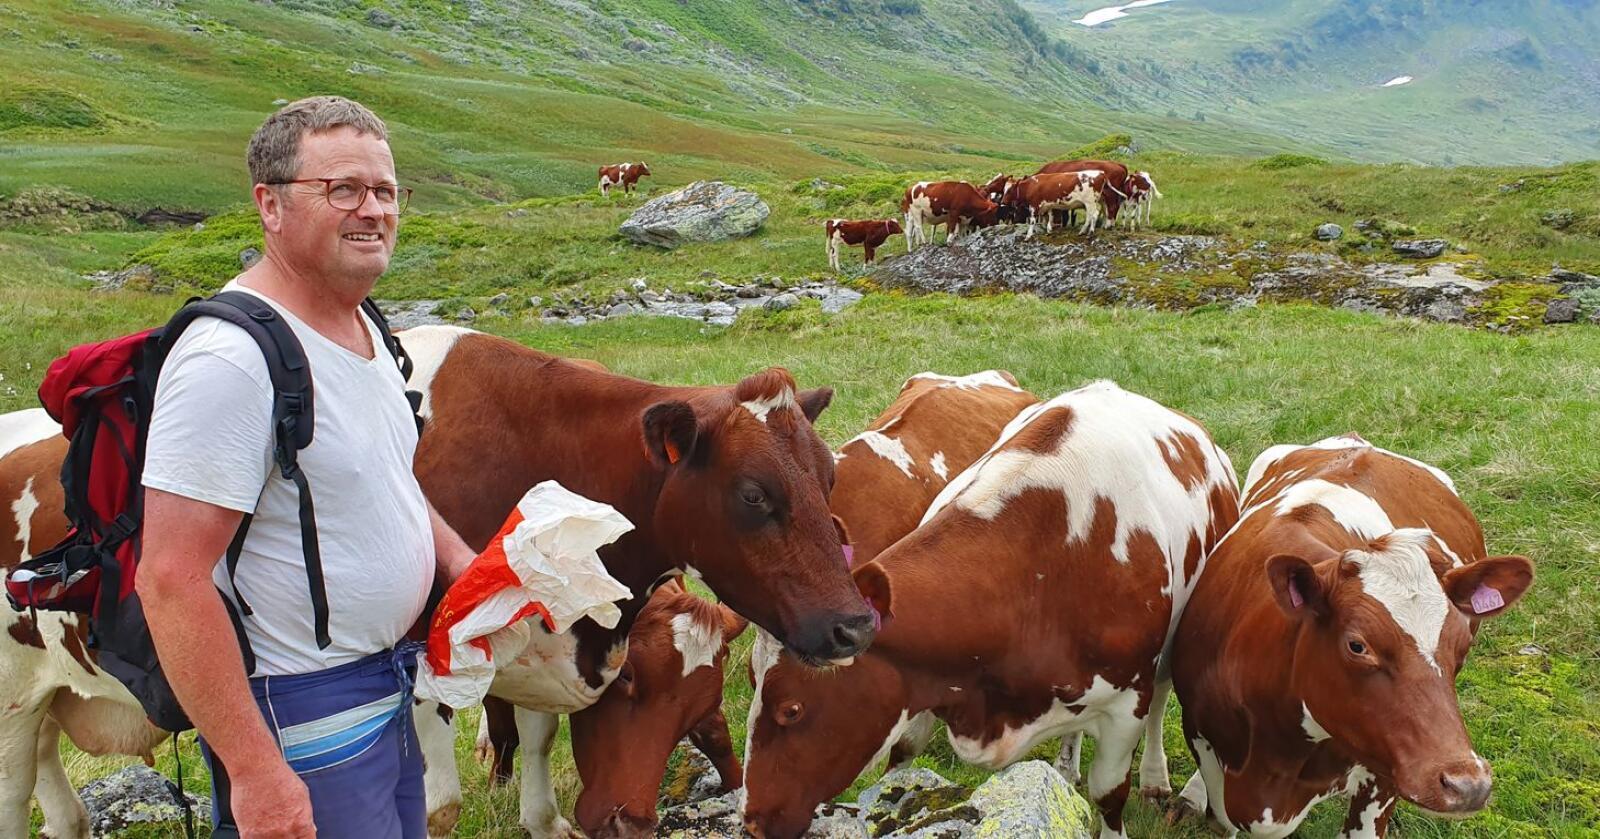 Sommermelk: Trond Olav Neteland har sendt dyra på sommerbeite i Berdalen. Men først melket han de litt lenger enn han pleier. (Foto: Foto: May Ruth Nåsen Neteland)